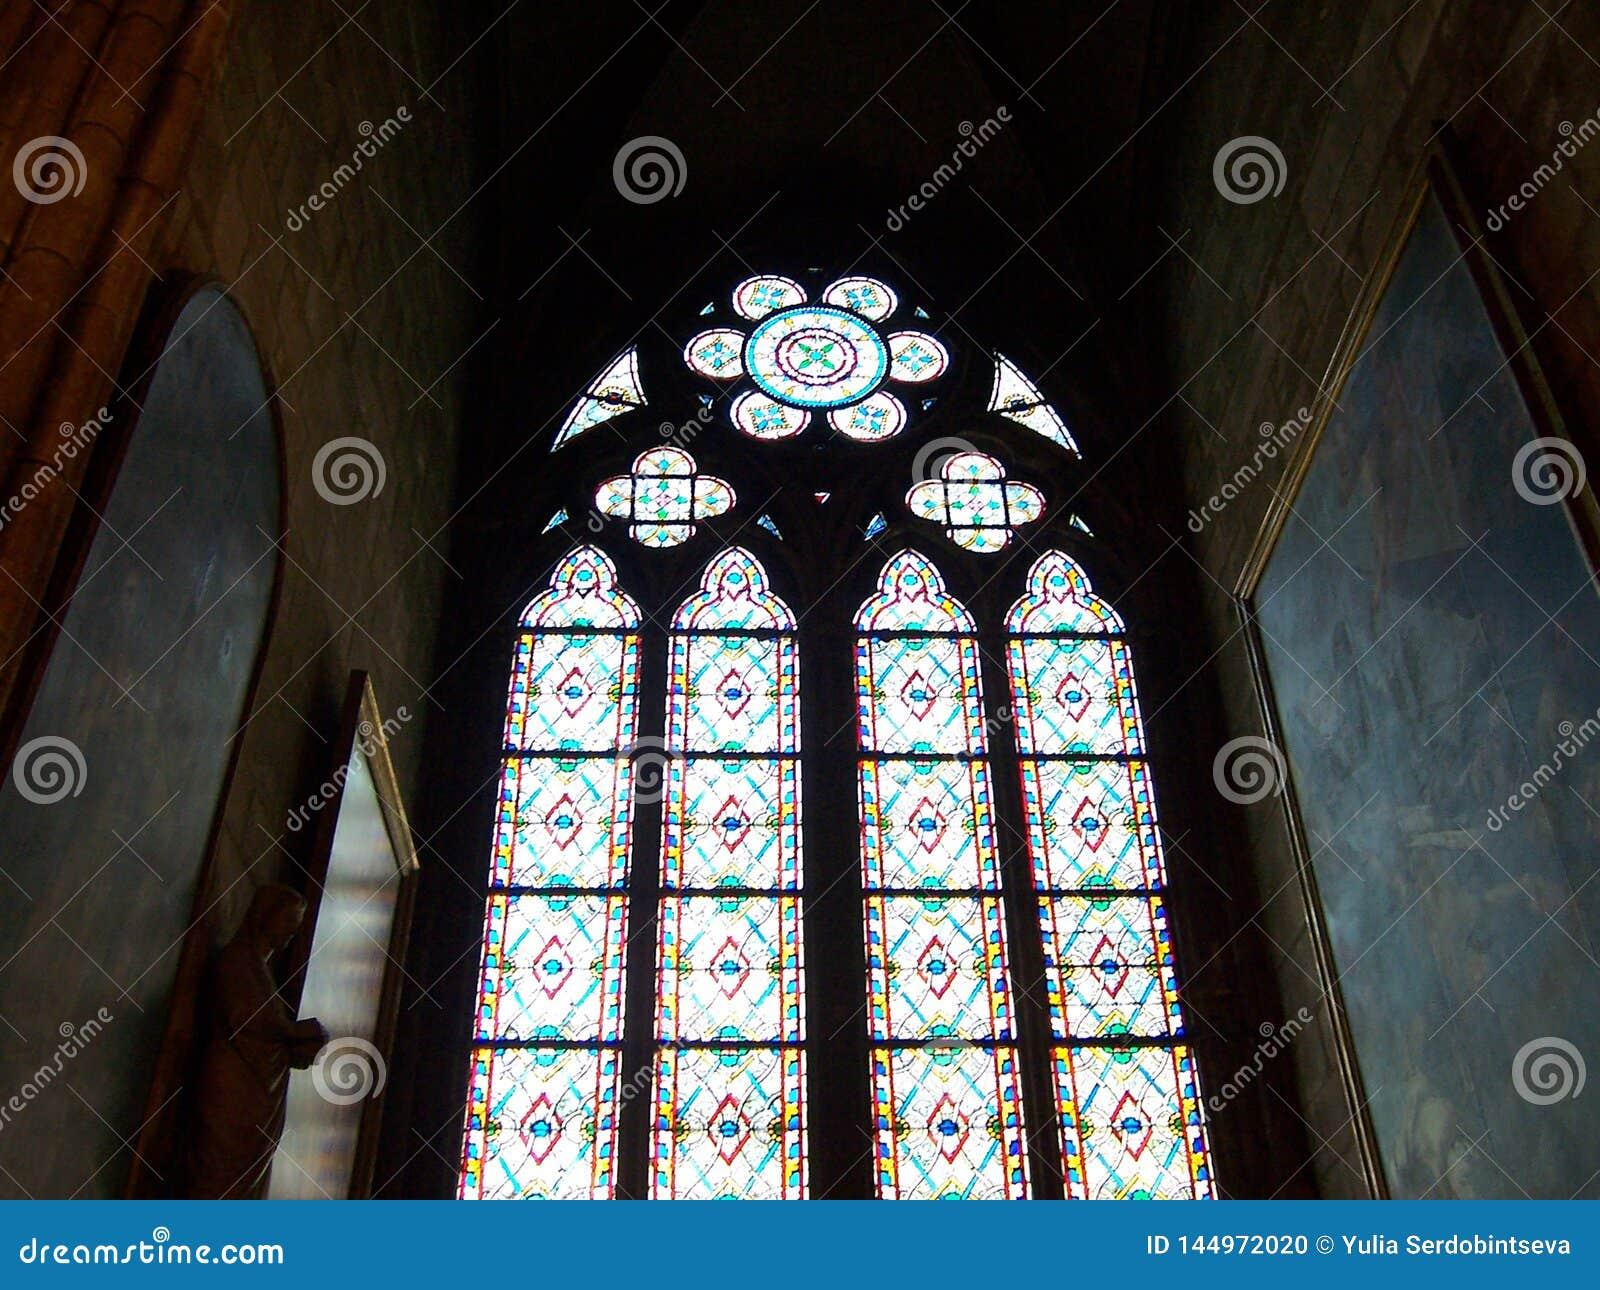 Παρίσι, Γαλλία - 6 Αυγούστου 2009: Ζωηρόχρωμο λεκιασμένο παράθυρο γυαλιού